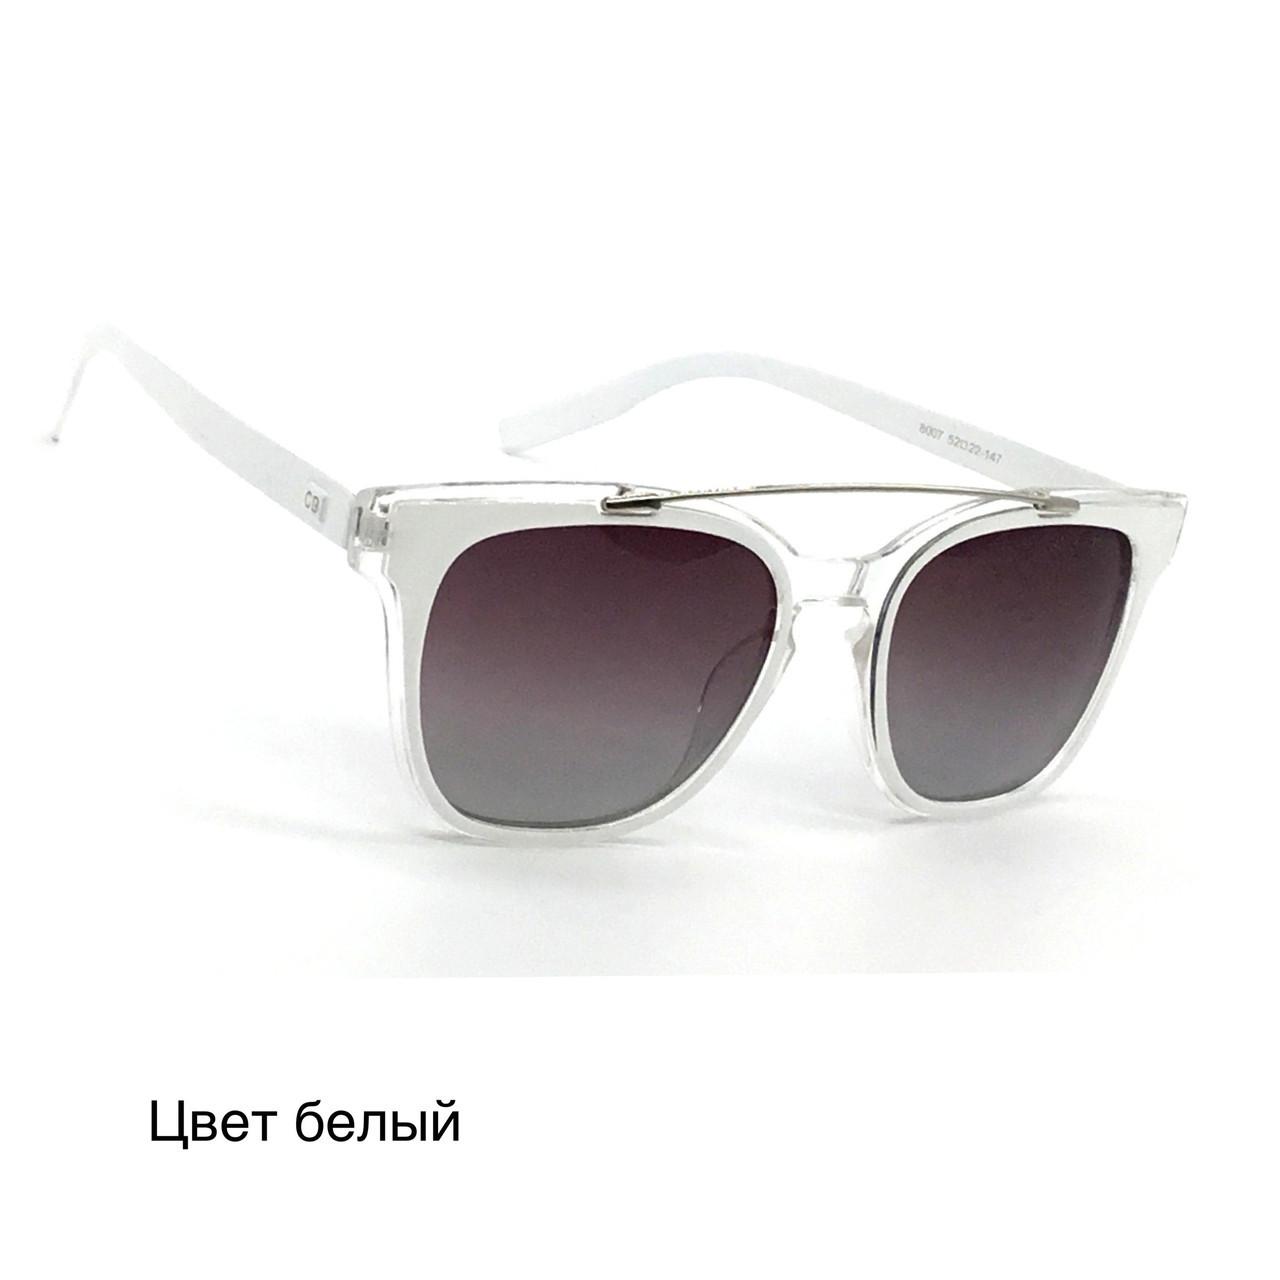 Солнцезащитные очки с поляризационной линзой 8007